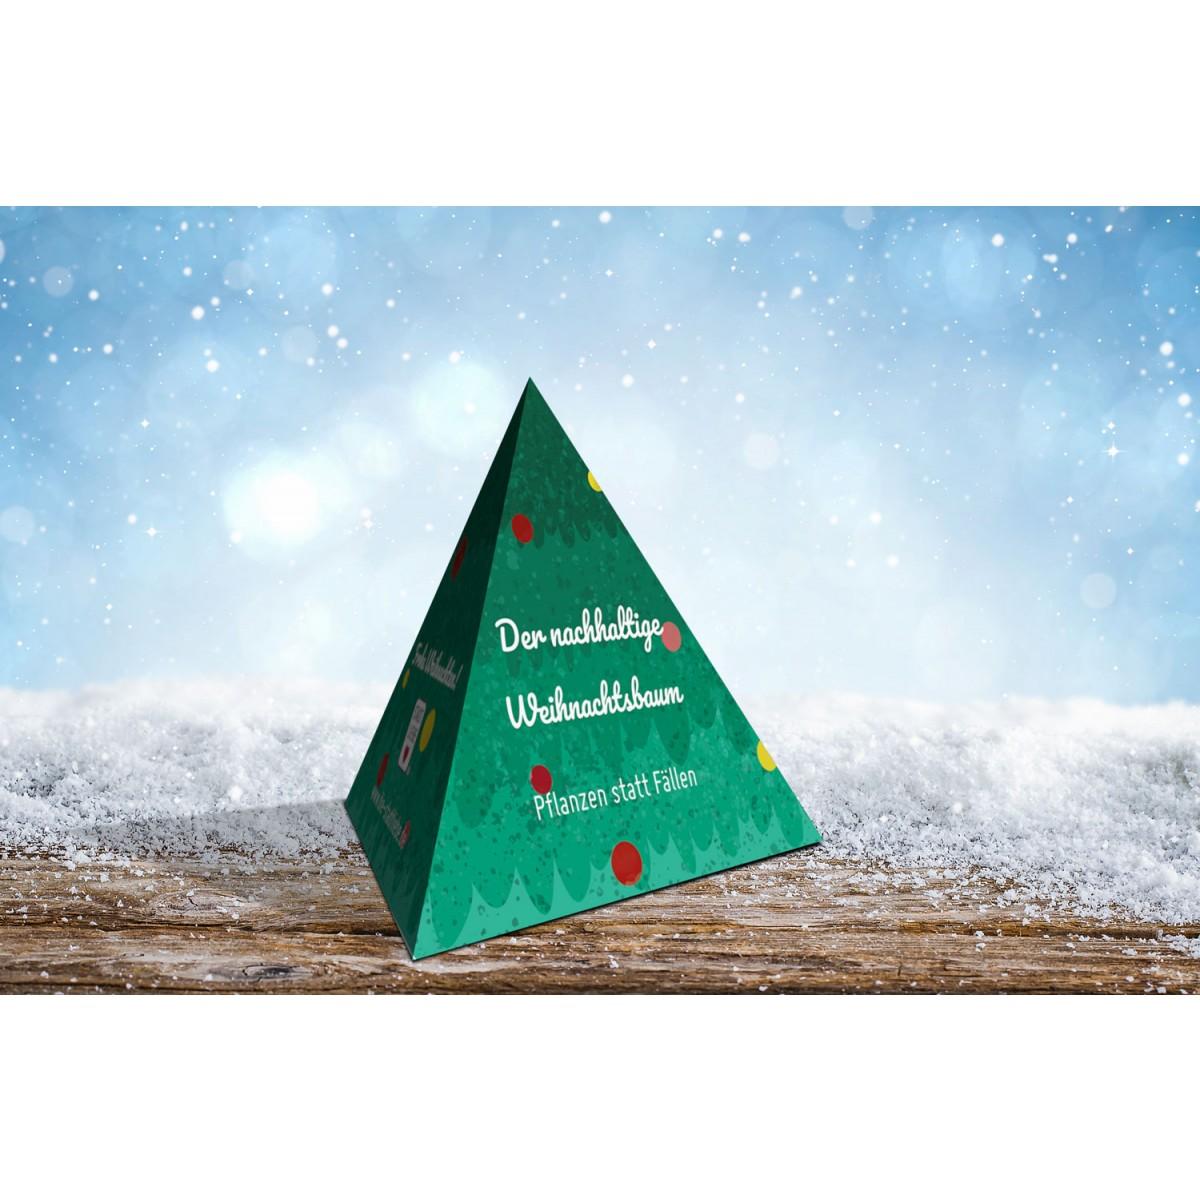 Stadtliebe® | Der nachhaltige Weihnachtsbaum